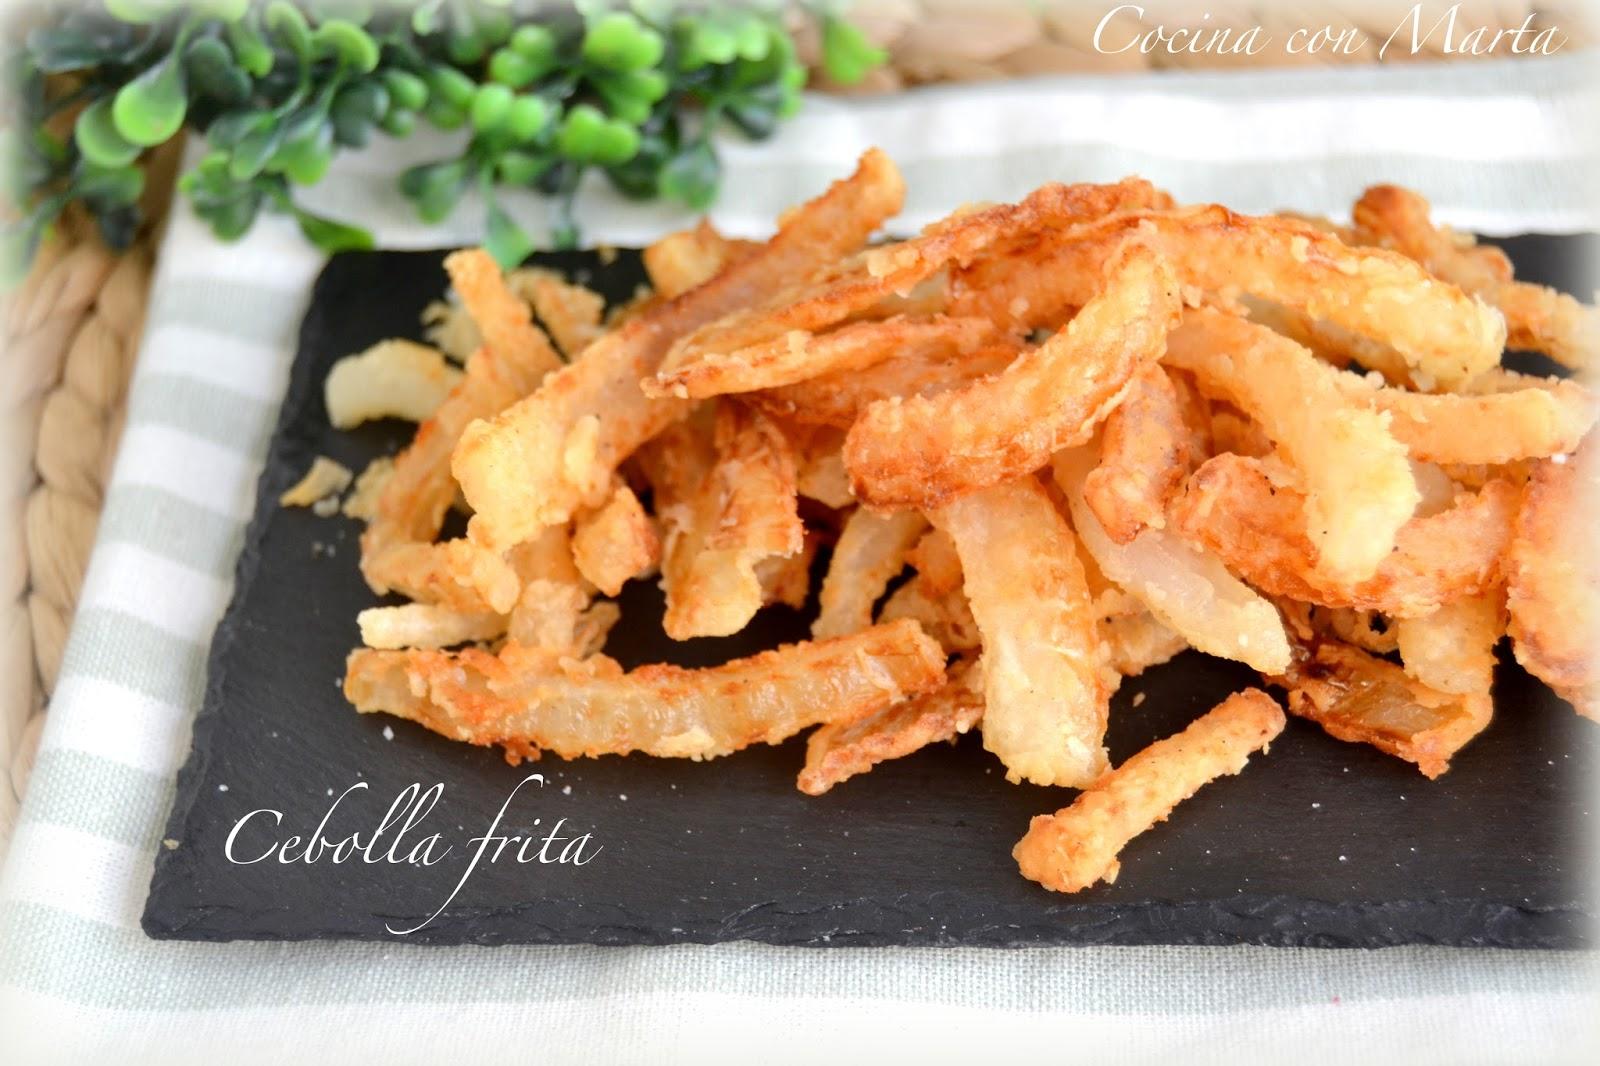 Receta de cebolla frita casera. Fácil y rápida.